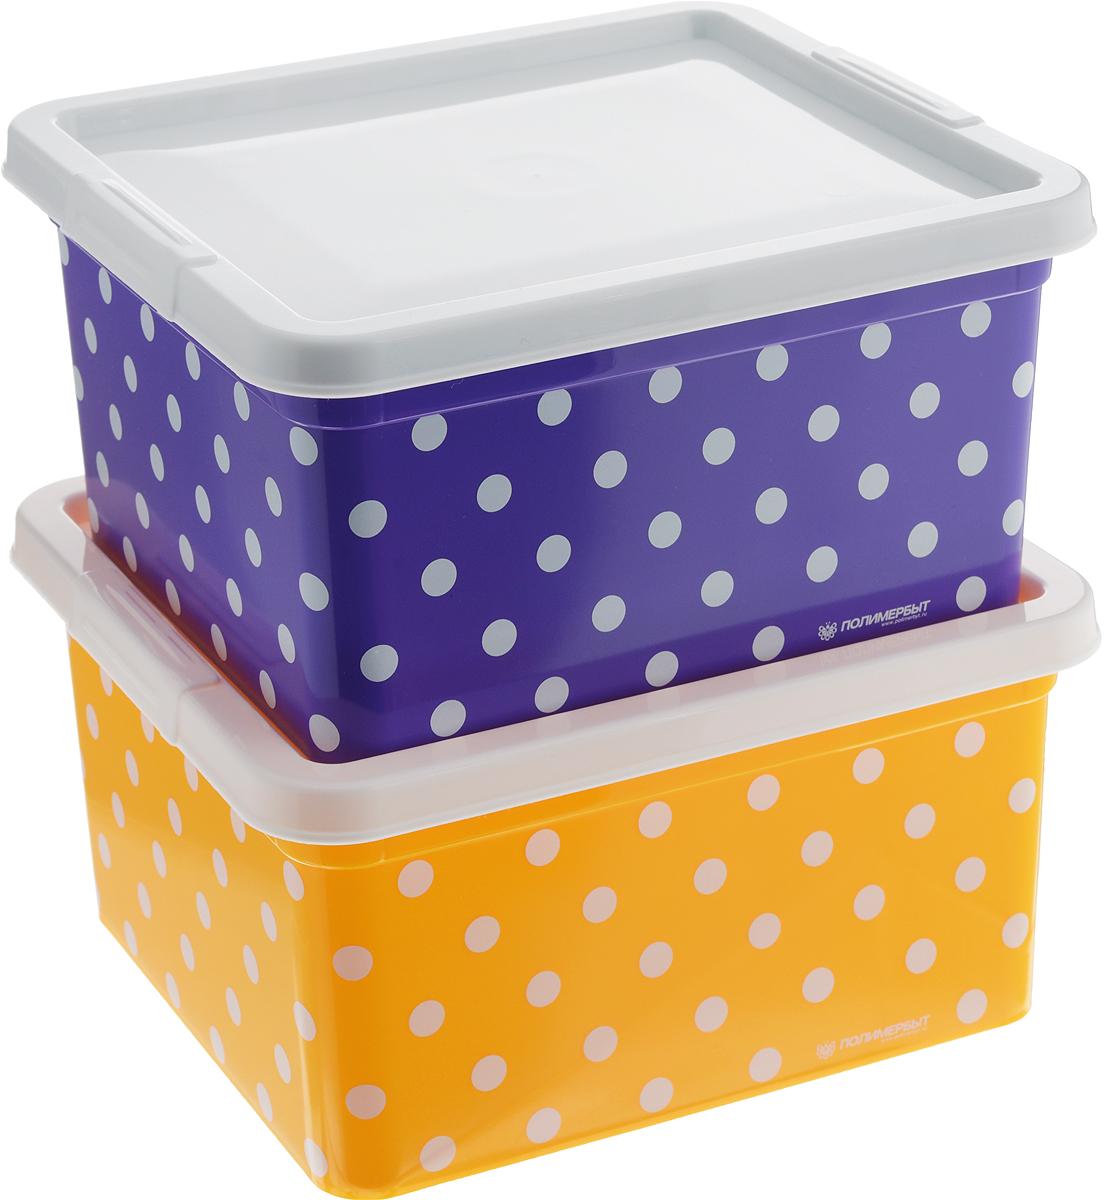 Набор контейнеров для мелочей Полимербыт Горох, цвет: фиолетовый, желтый, белый, 2 штSGHPBKP67Набор Полимербыт Горох, состоящий из двух контейнеров, выполнен из высококачественного цветного пластика и декорирован принтом в горох. Изделия оснащены крышками. Контейнеры очень вместительные и помогут вам хранить все необходимые мелочи в одном месте.